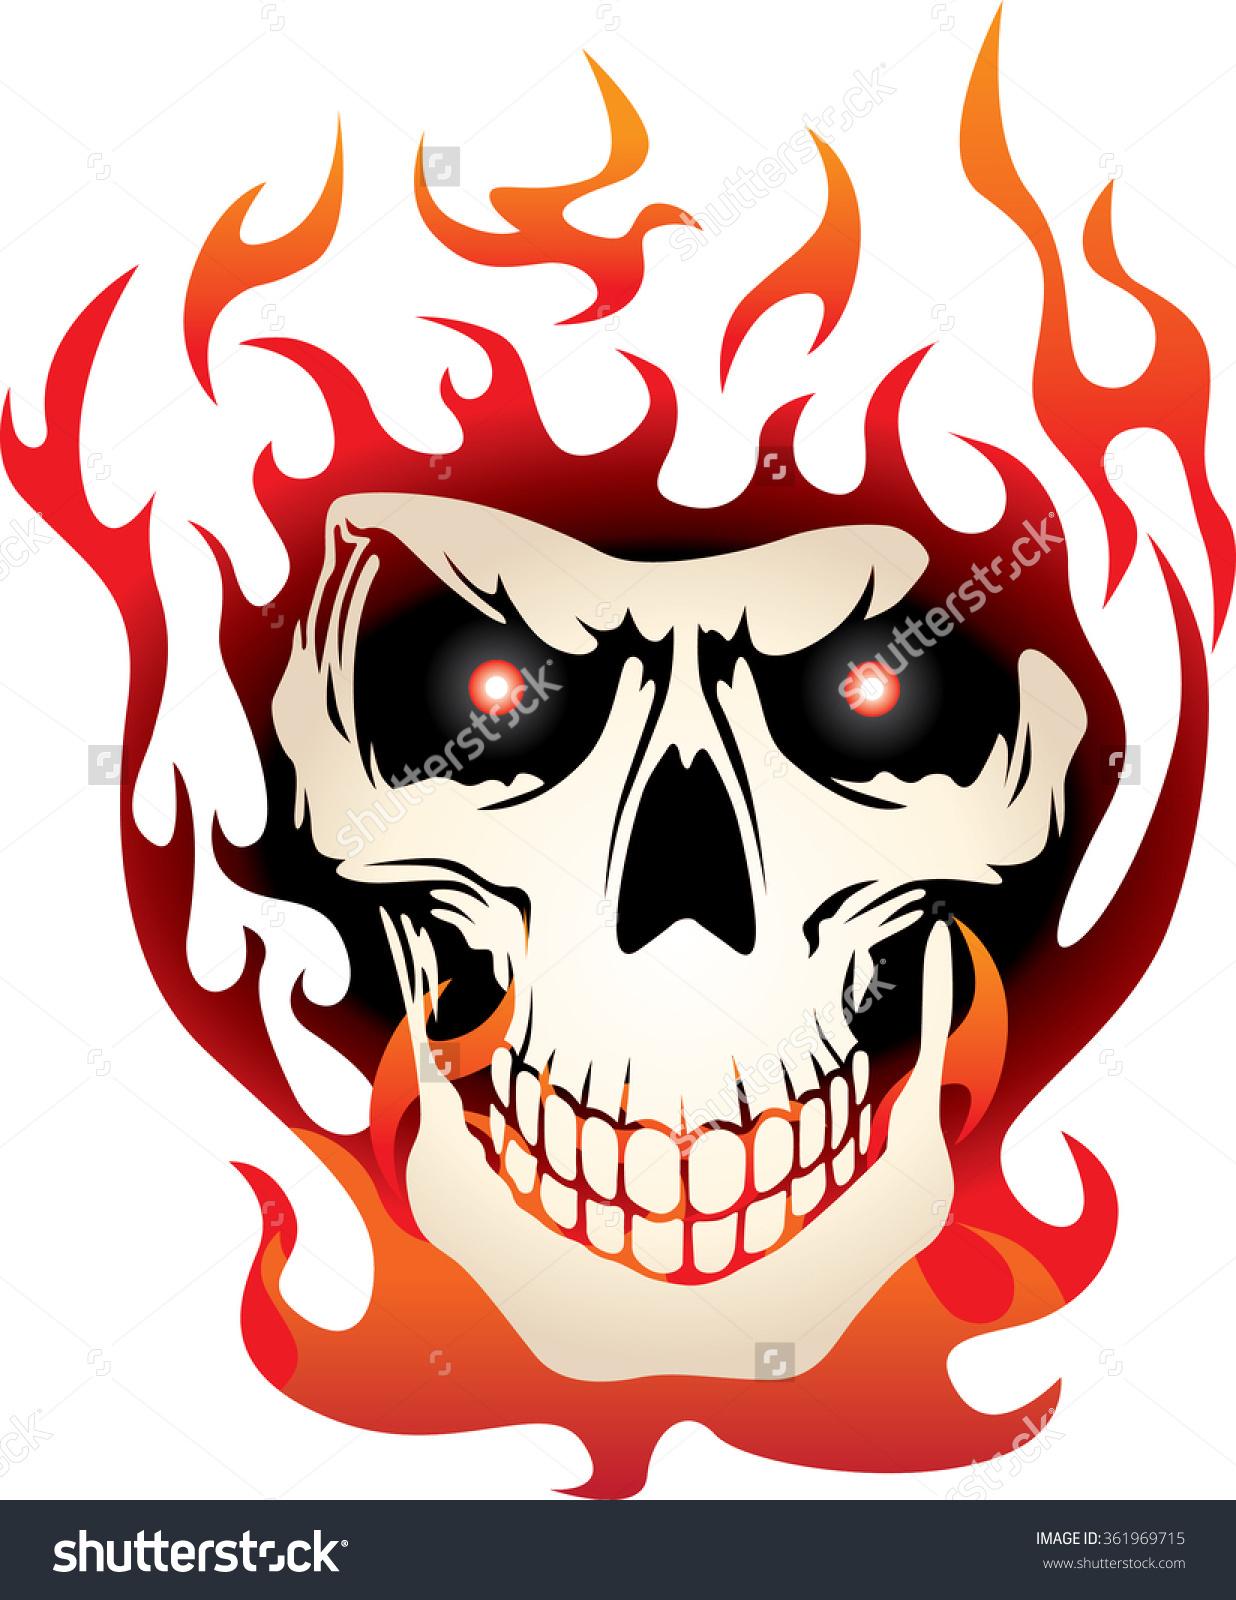 Flaming skull clip art svg royalty free download Flaming Skull Stock Vector 361969715 - Shutterstock svg royalty free download